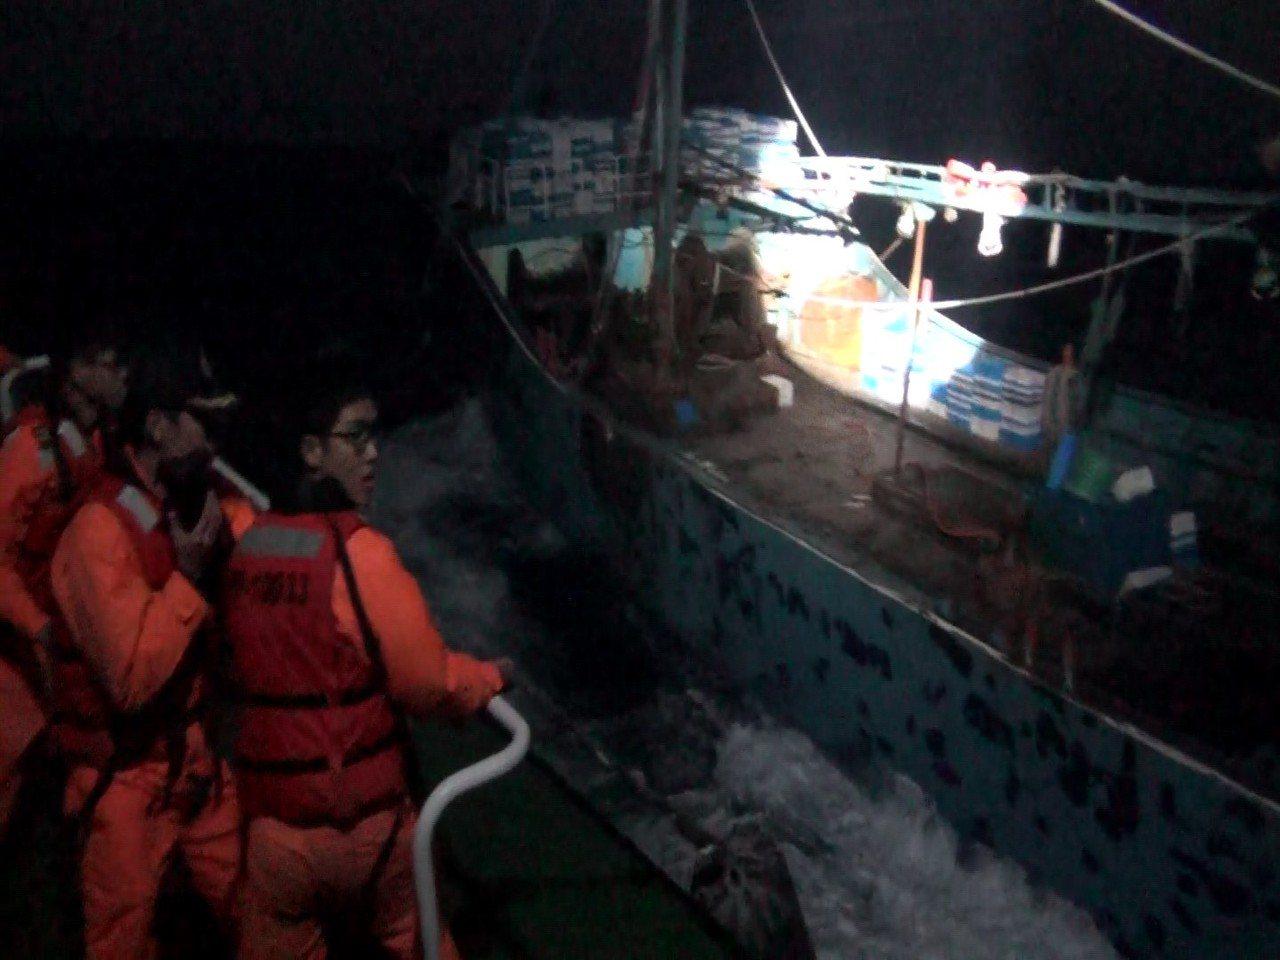 「閩晉漁」越界違規作業,海巡隊當場起獲不法魚獲1.5公噸,且屬於累犯,被裁處最重...